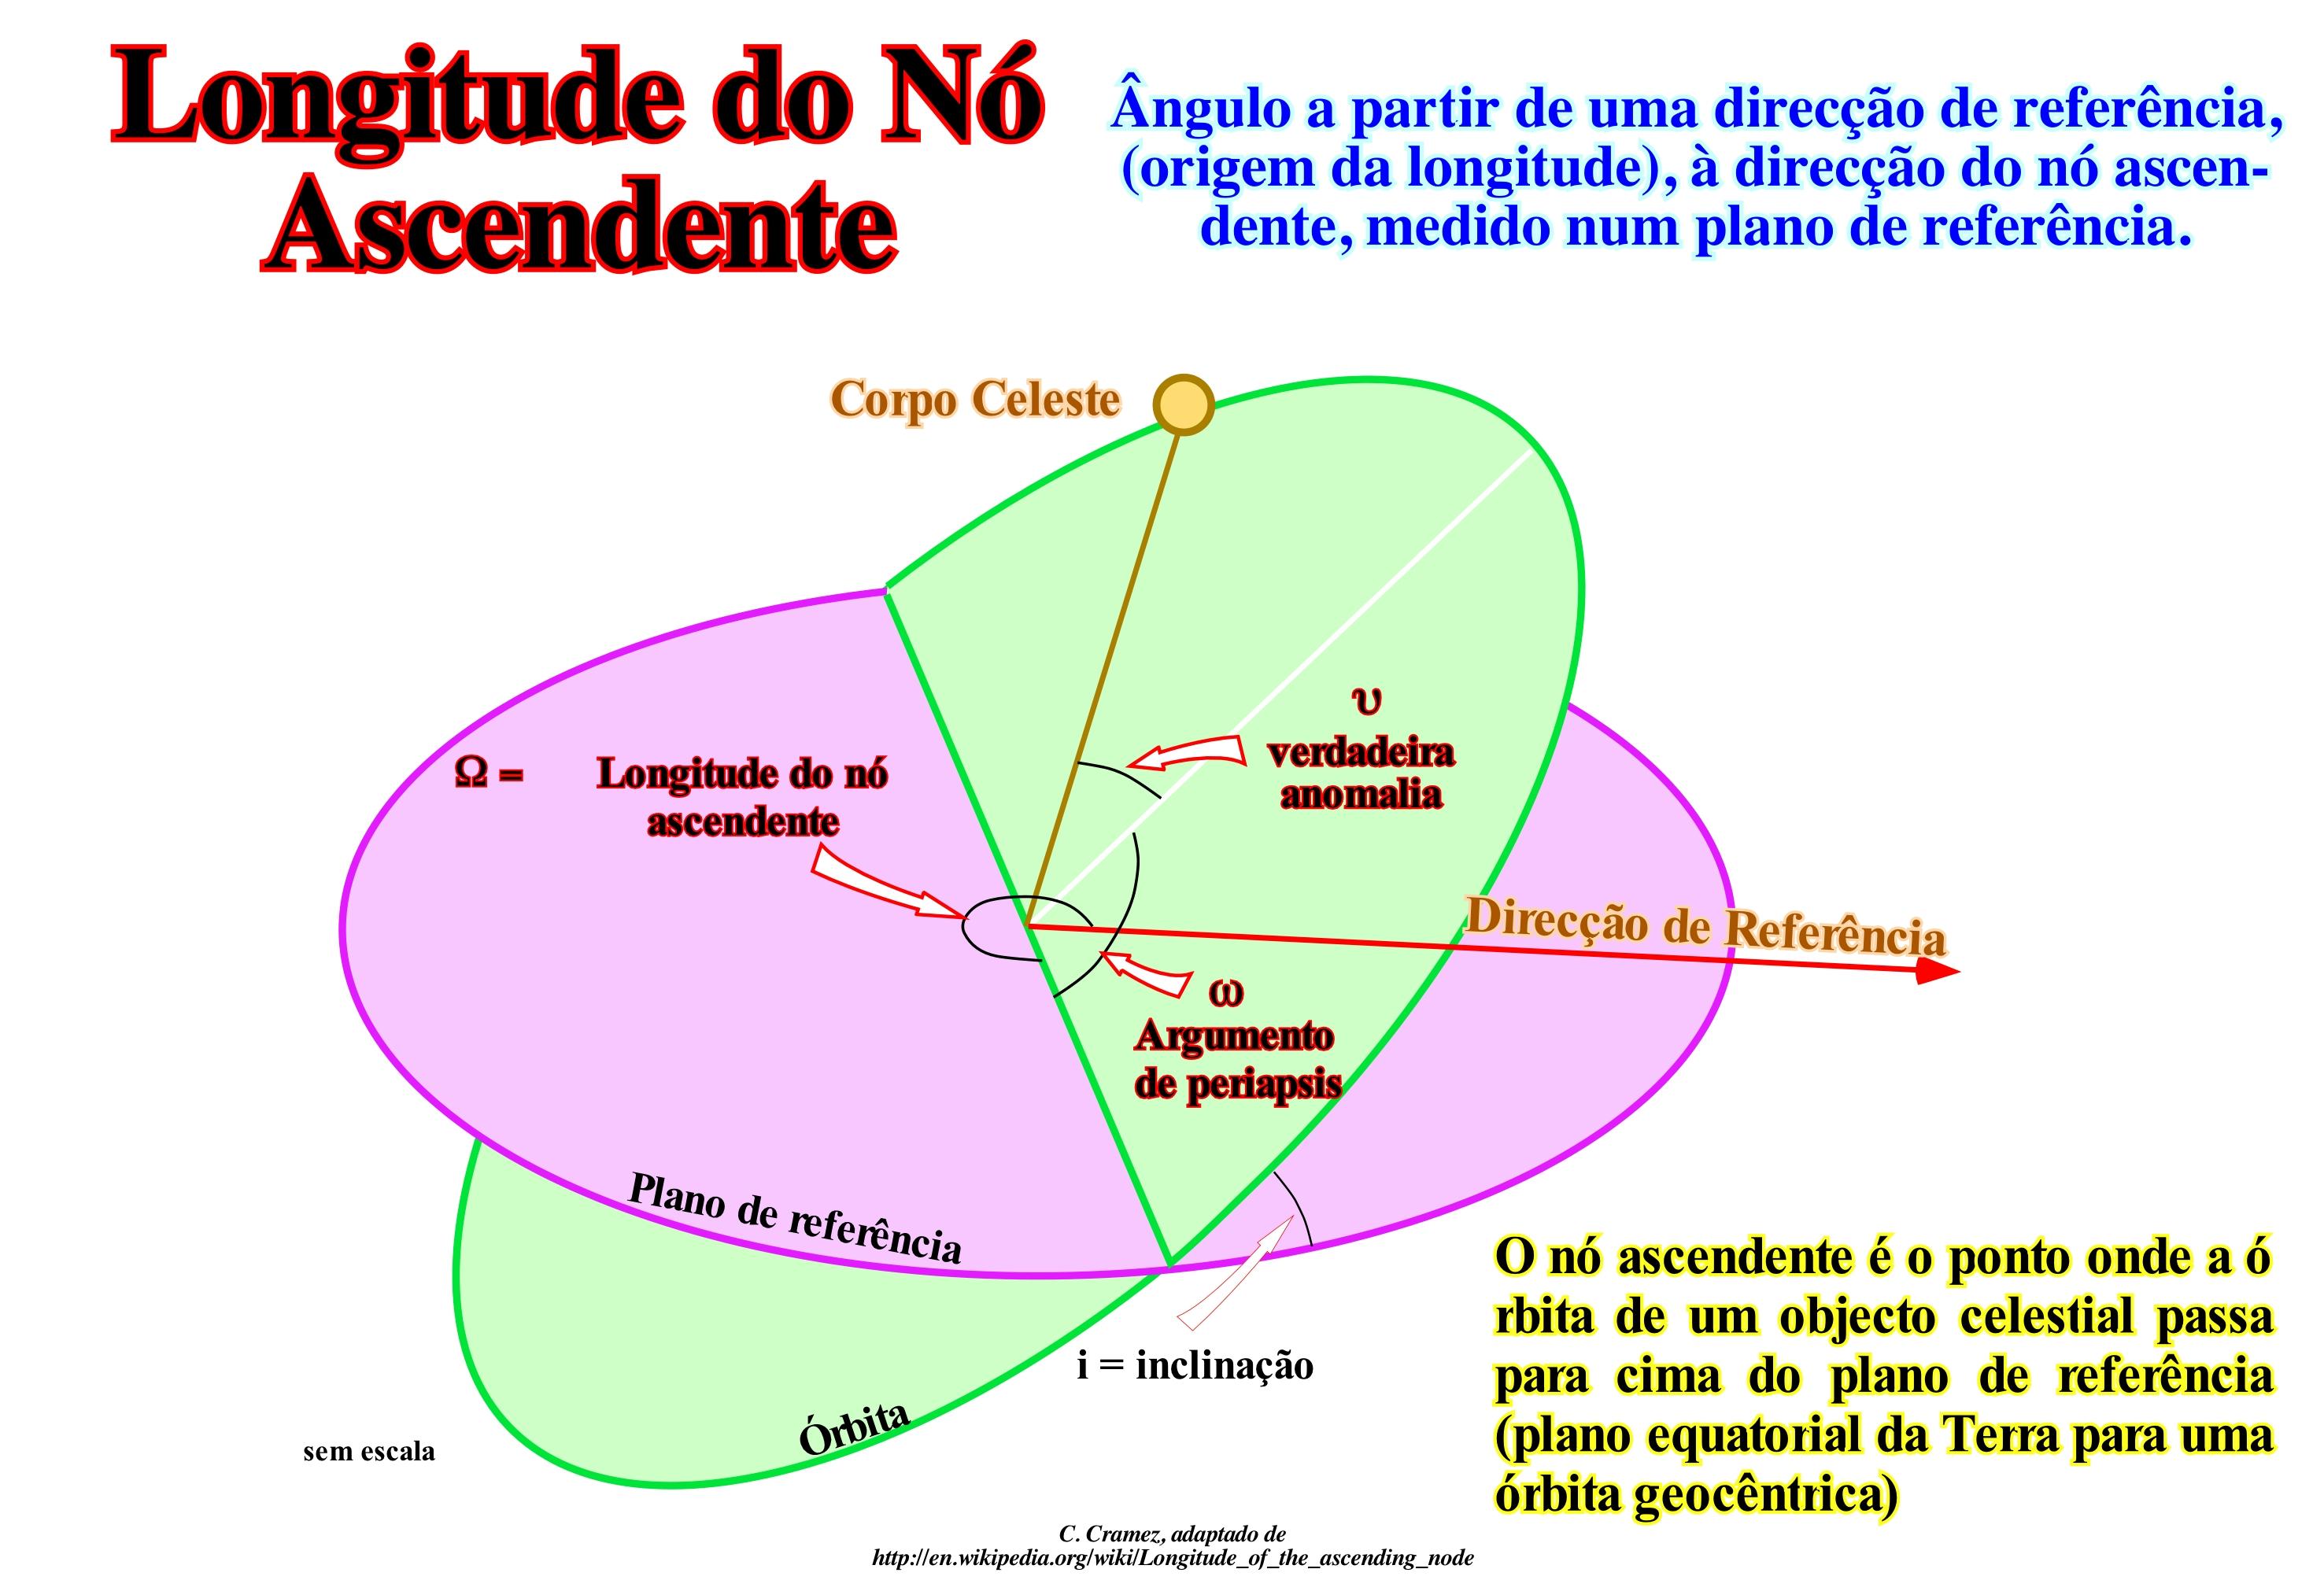 Pagina l1 termos a longitude do n ascendente um dos elementos orbitais da rbita de um corpo celeste alm da longitude do n ascendente ou outros elementos orbitais ccuart Image collections